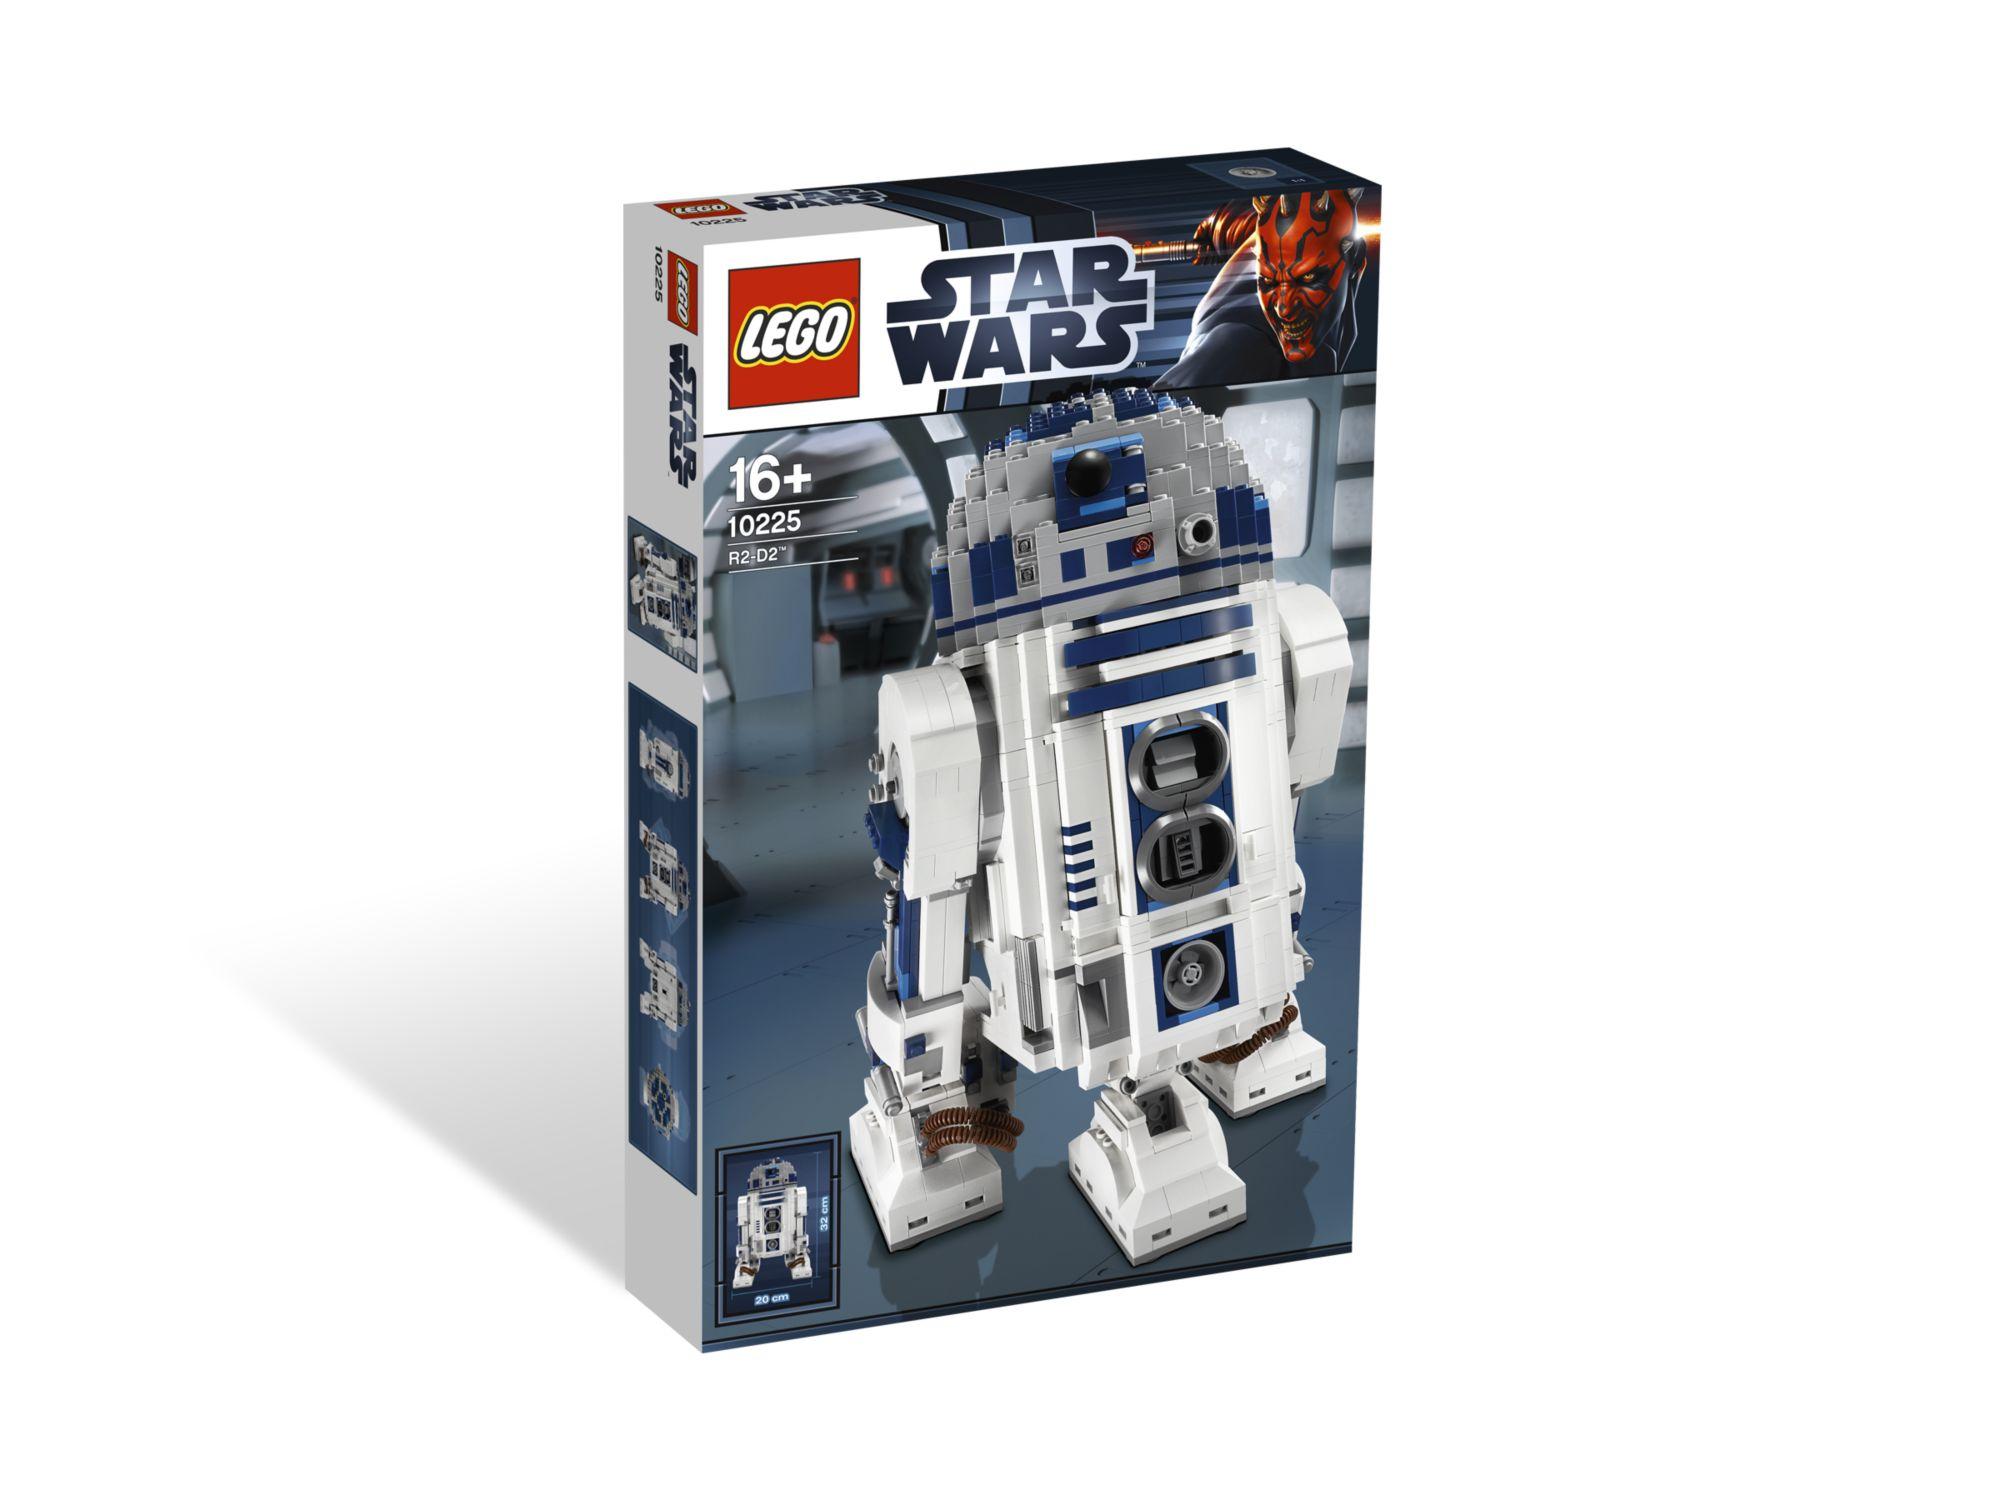 LEGO Ultimate Building Set Discontinued dp BNOGT